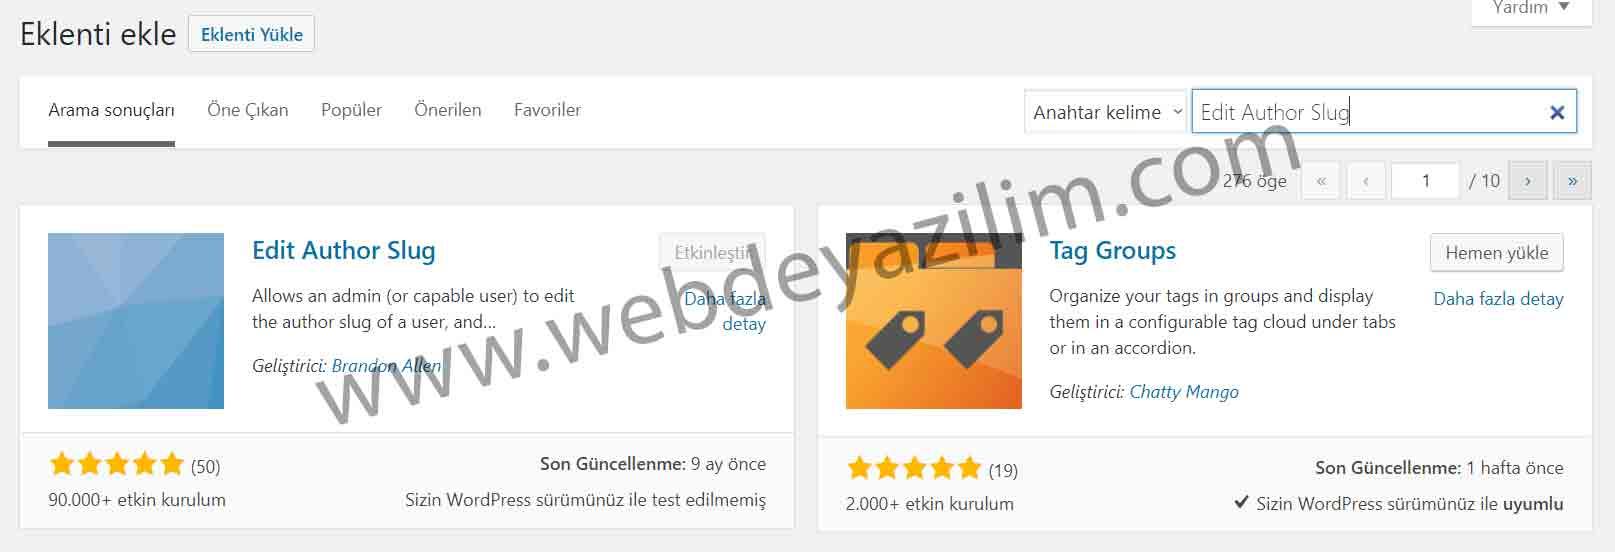 WordPress yazar linki düzenleme